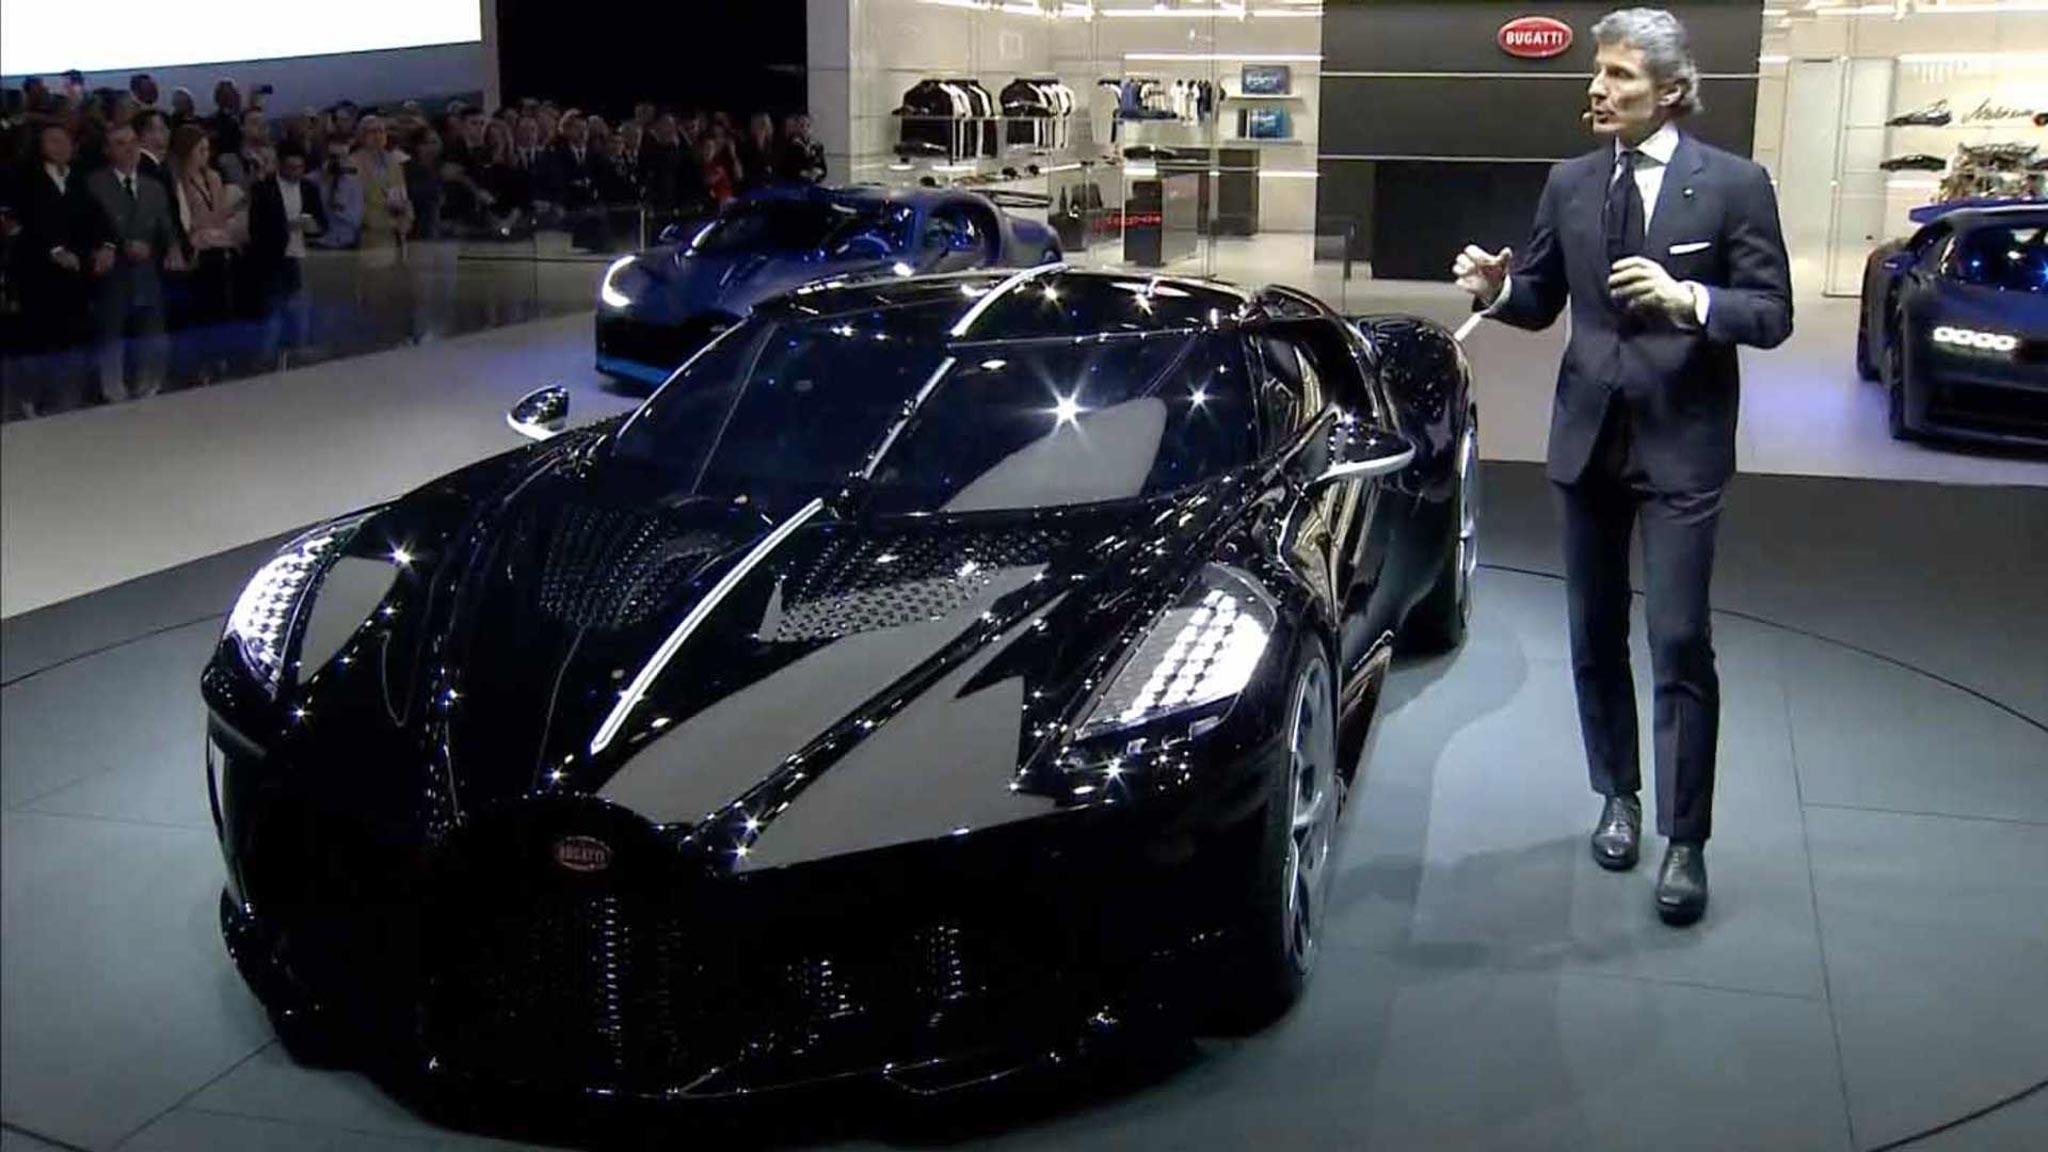 Siêu xe Bugatti đắt đỏ nhất thế giới, vận tốc vô đối, Cristiano Ronaldo sở hữu - Ảnh 2.